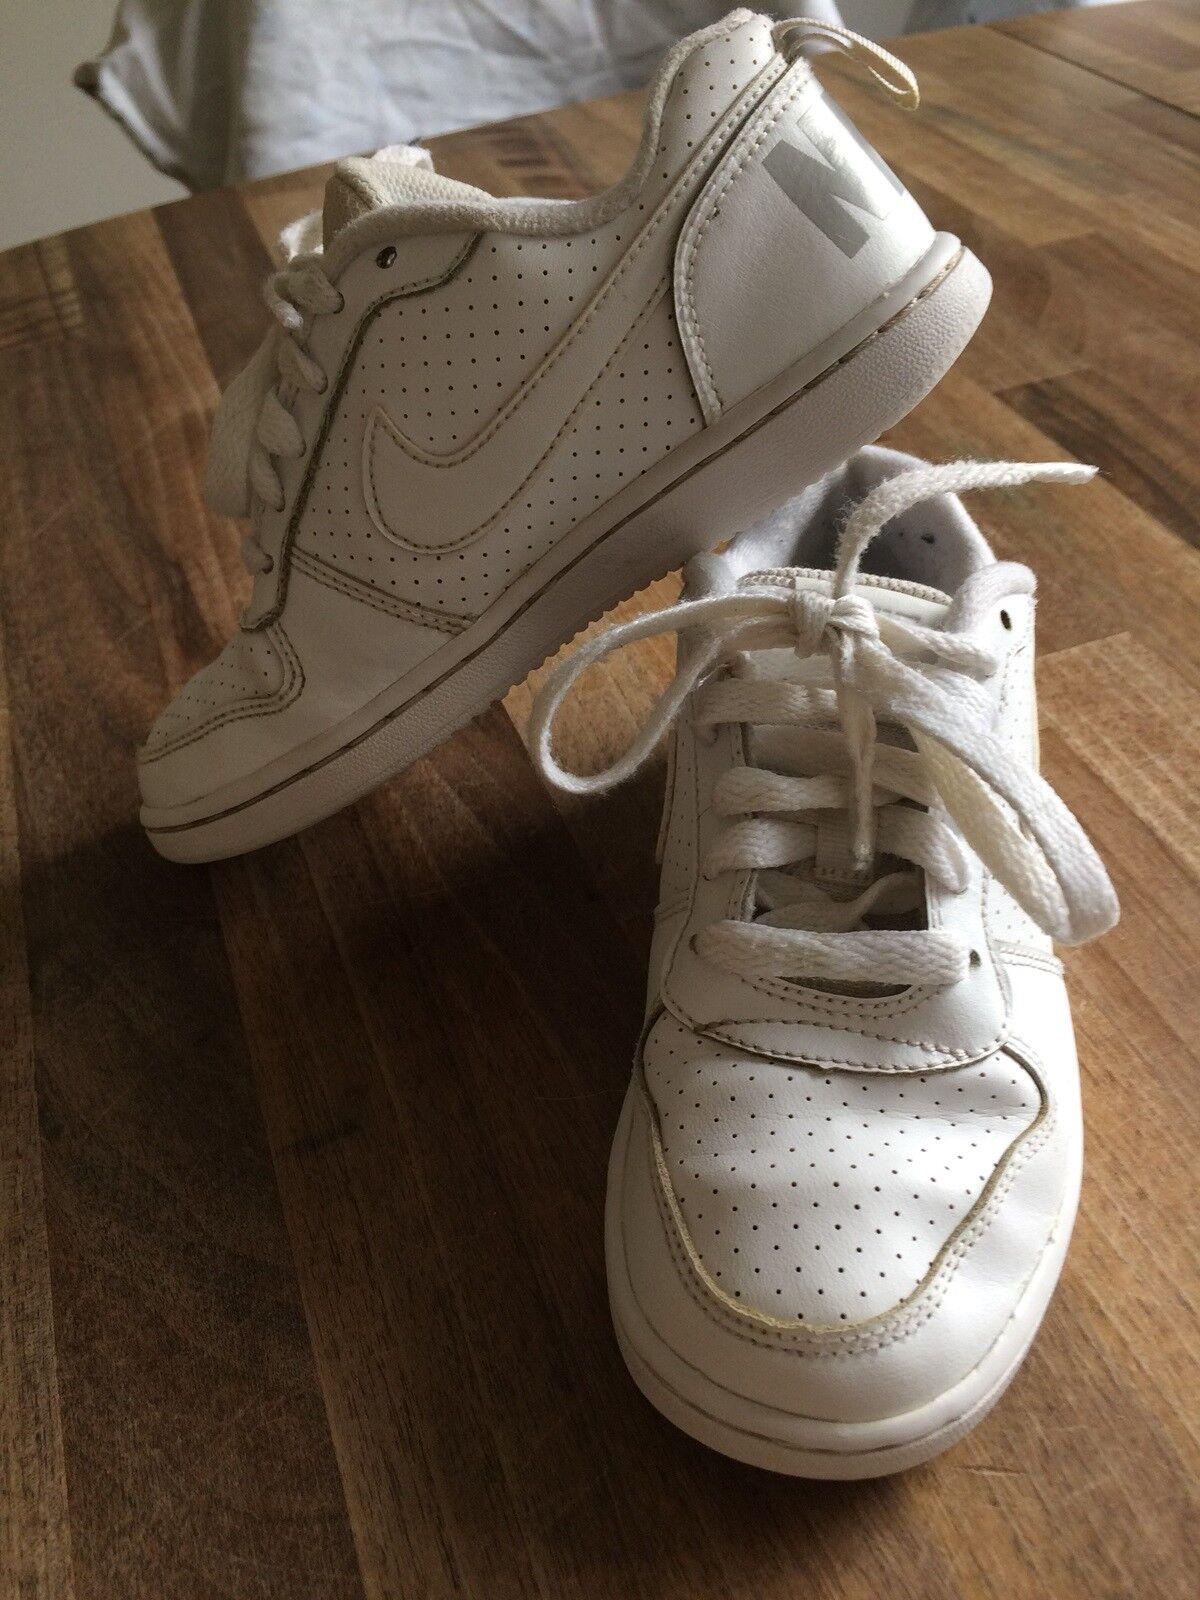 Sneakers, str. 30, NIKE – dba.dk – Køb og Salg af Nyt og Brugt